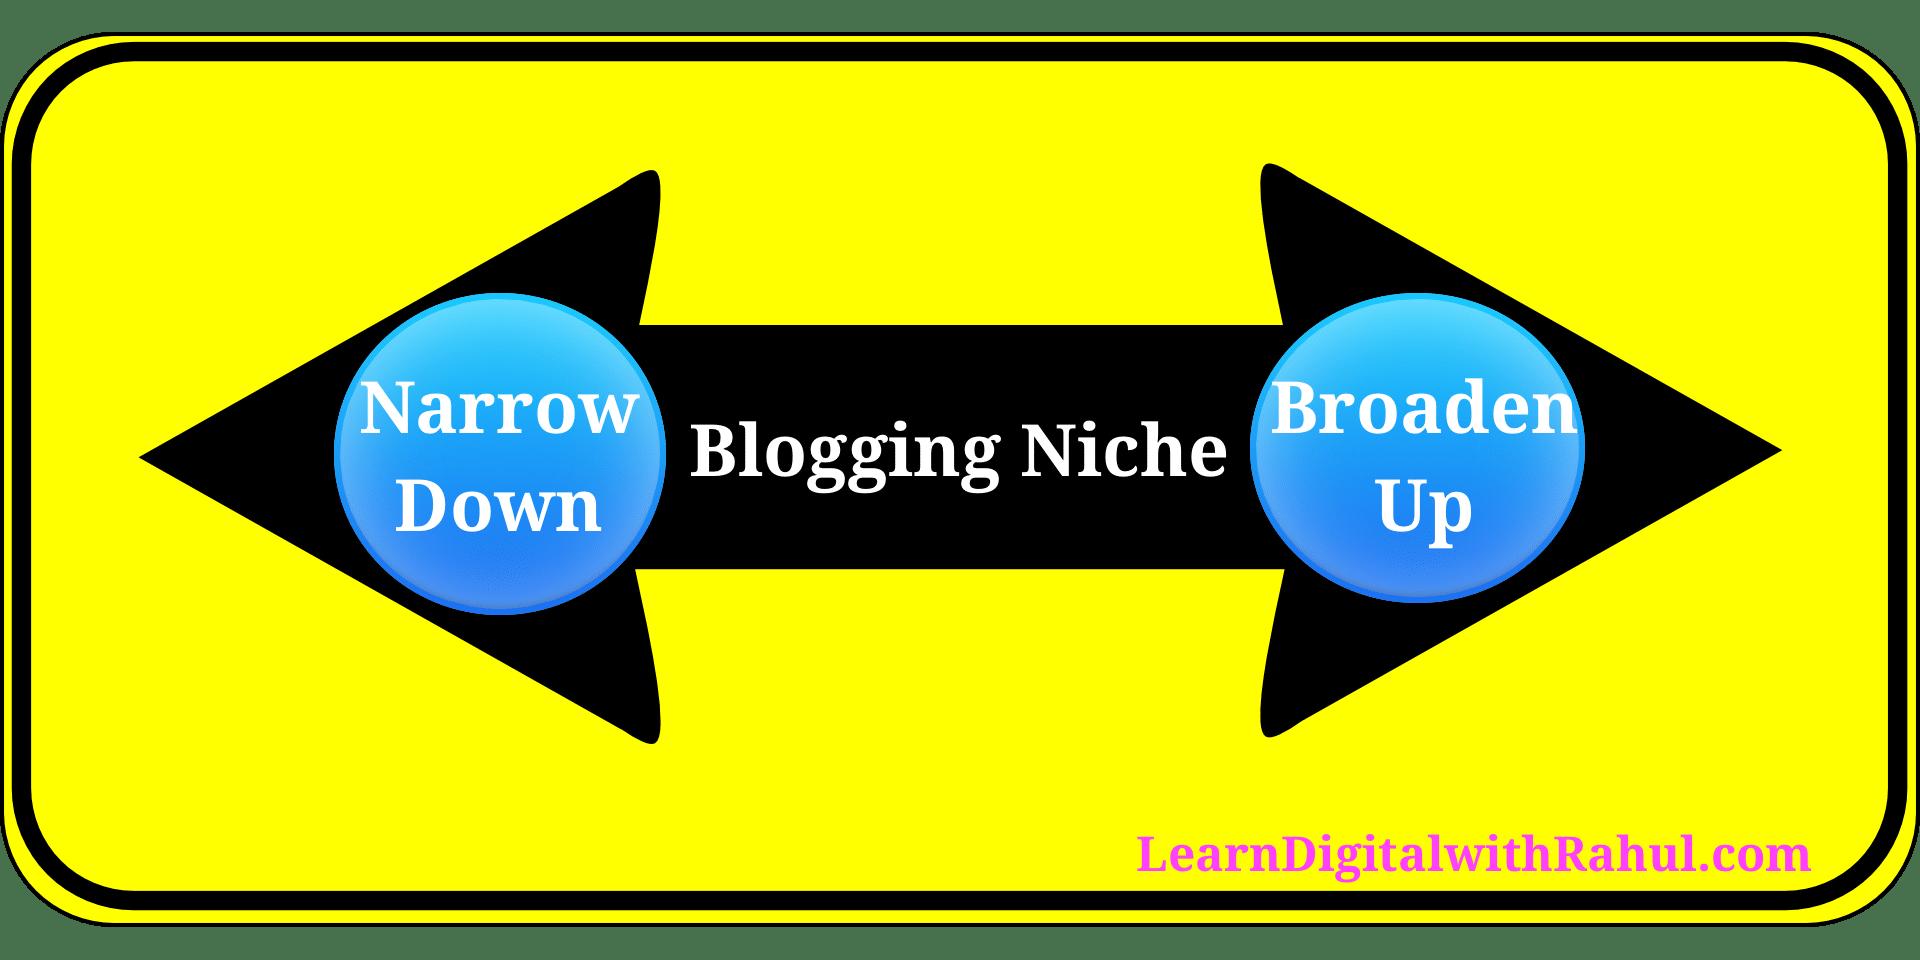 Narrow Down Blogging Niche vs Broaden Up Blogging Niches